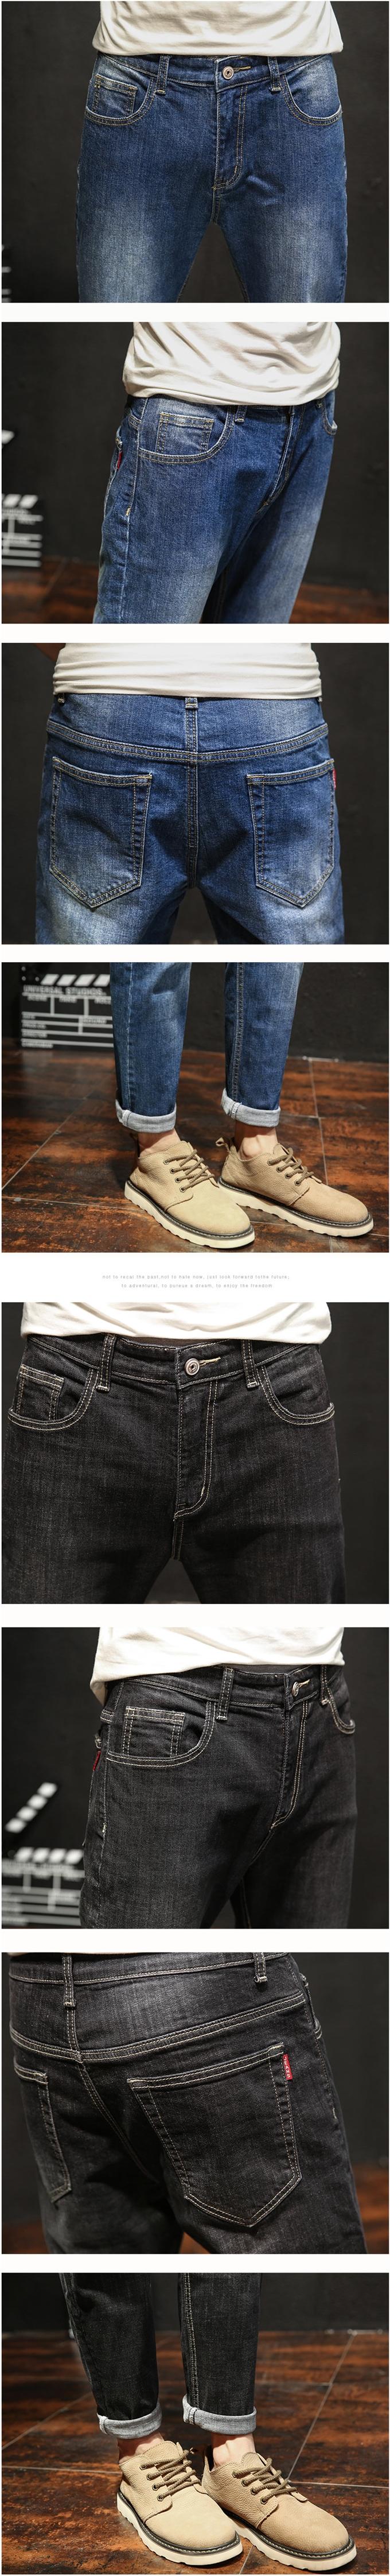 รองเท้าชาย กางเกงยีนส์ทรงฮาเร็มขายาว